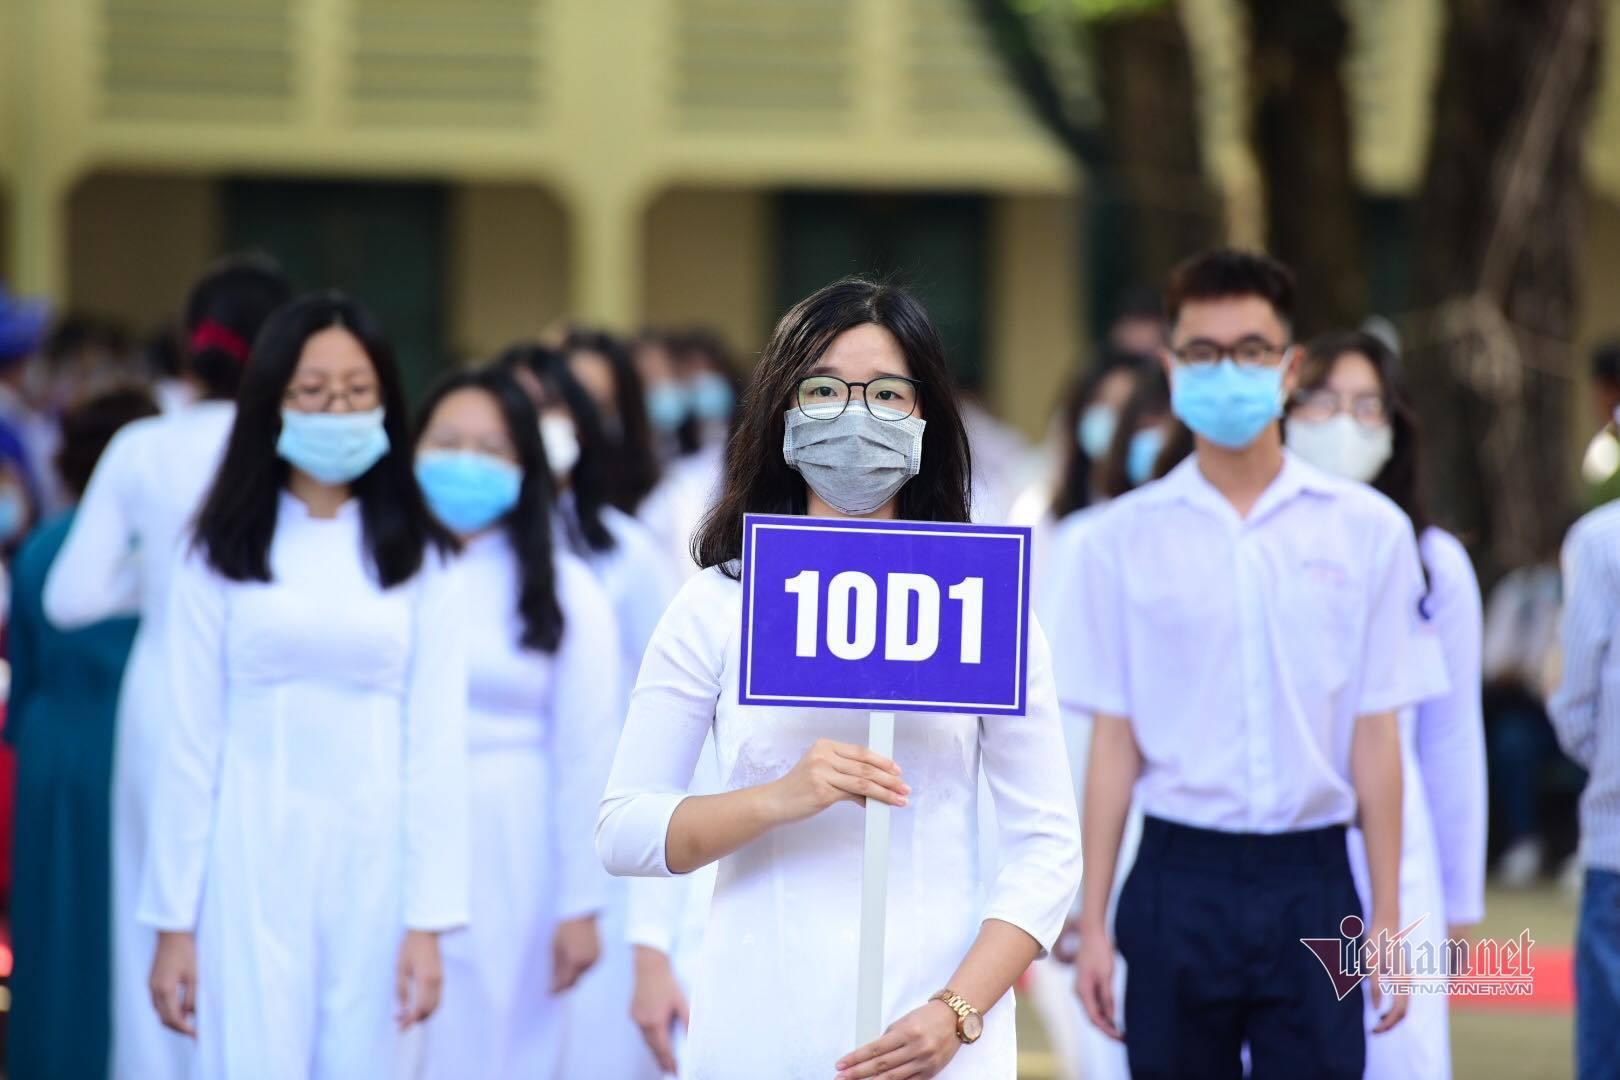 Tỉ lệ 'chọi' lớp 10 tích hợp thấp kỷ lục, phụ huynh Sài Gòn dao động